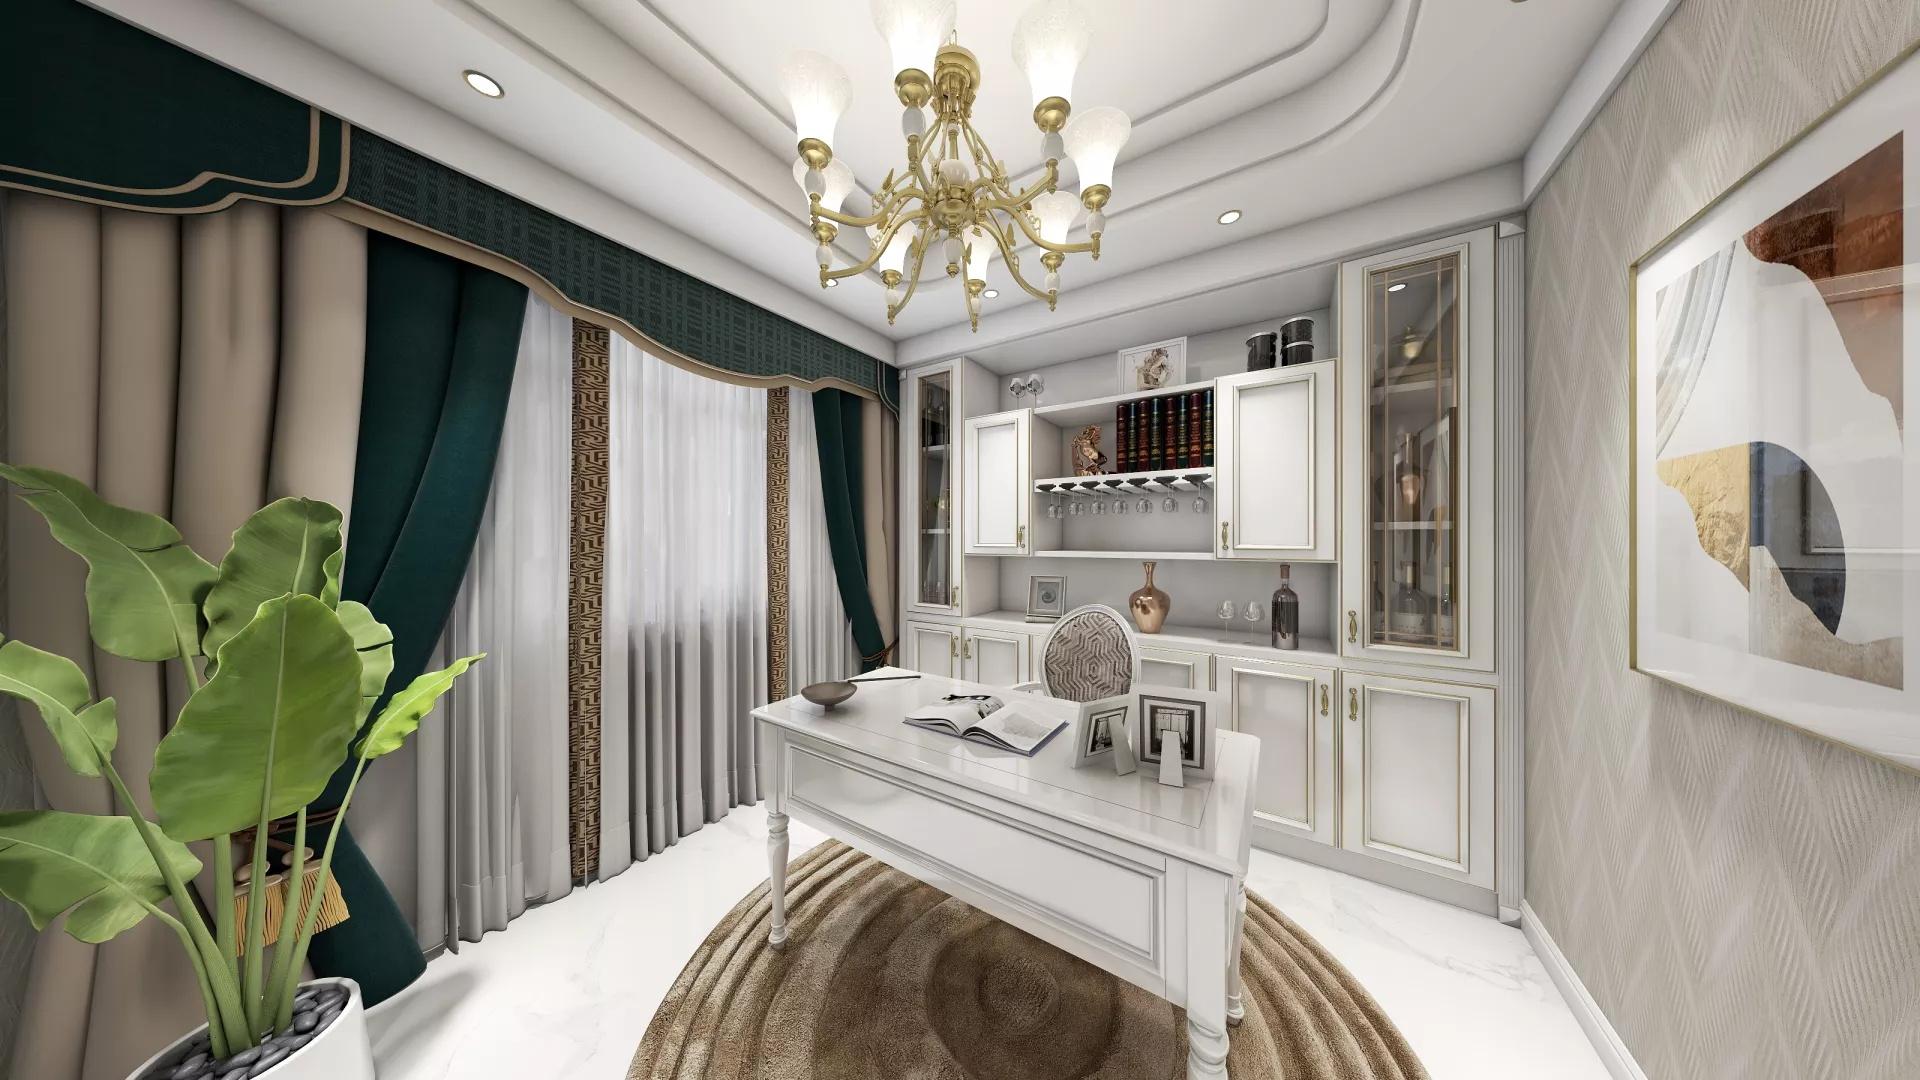 复式别墅绿植装饰清新客厅装修效果图